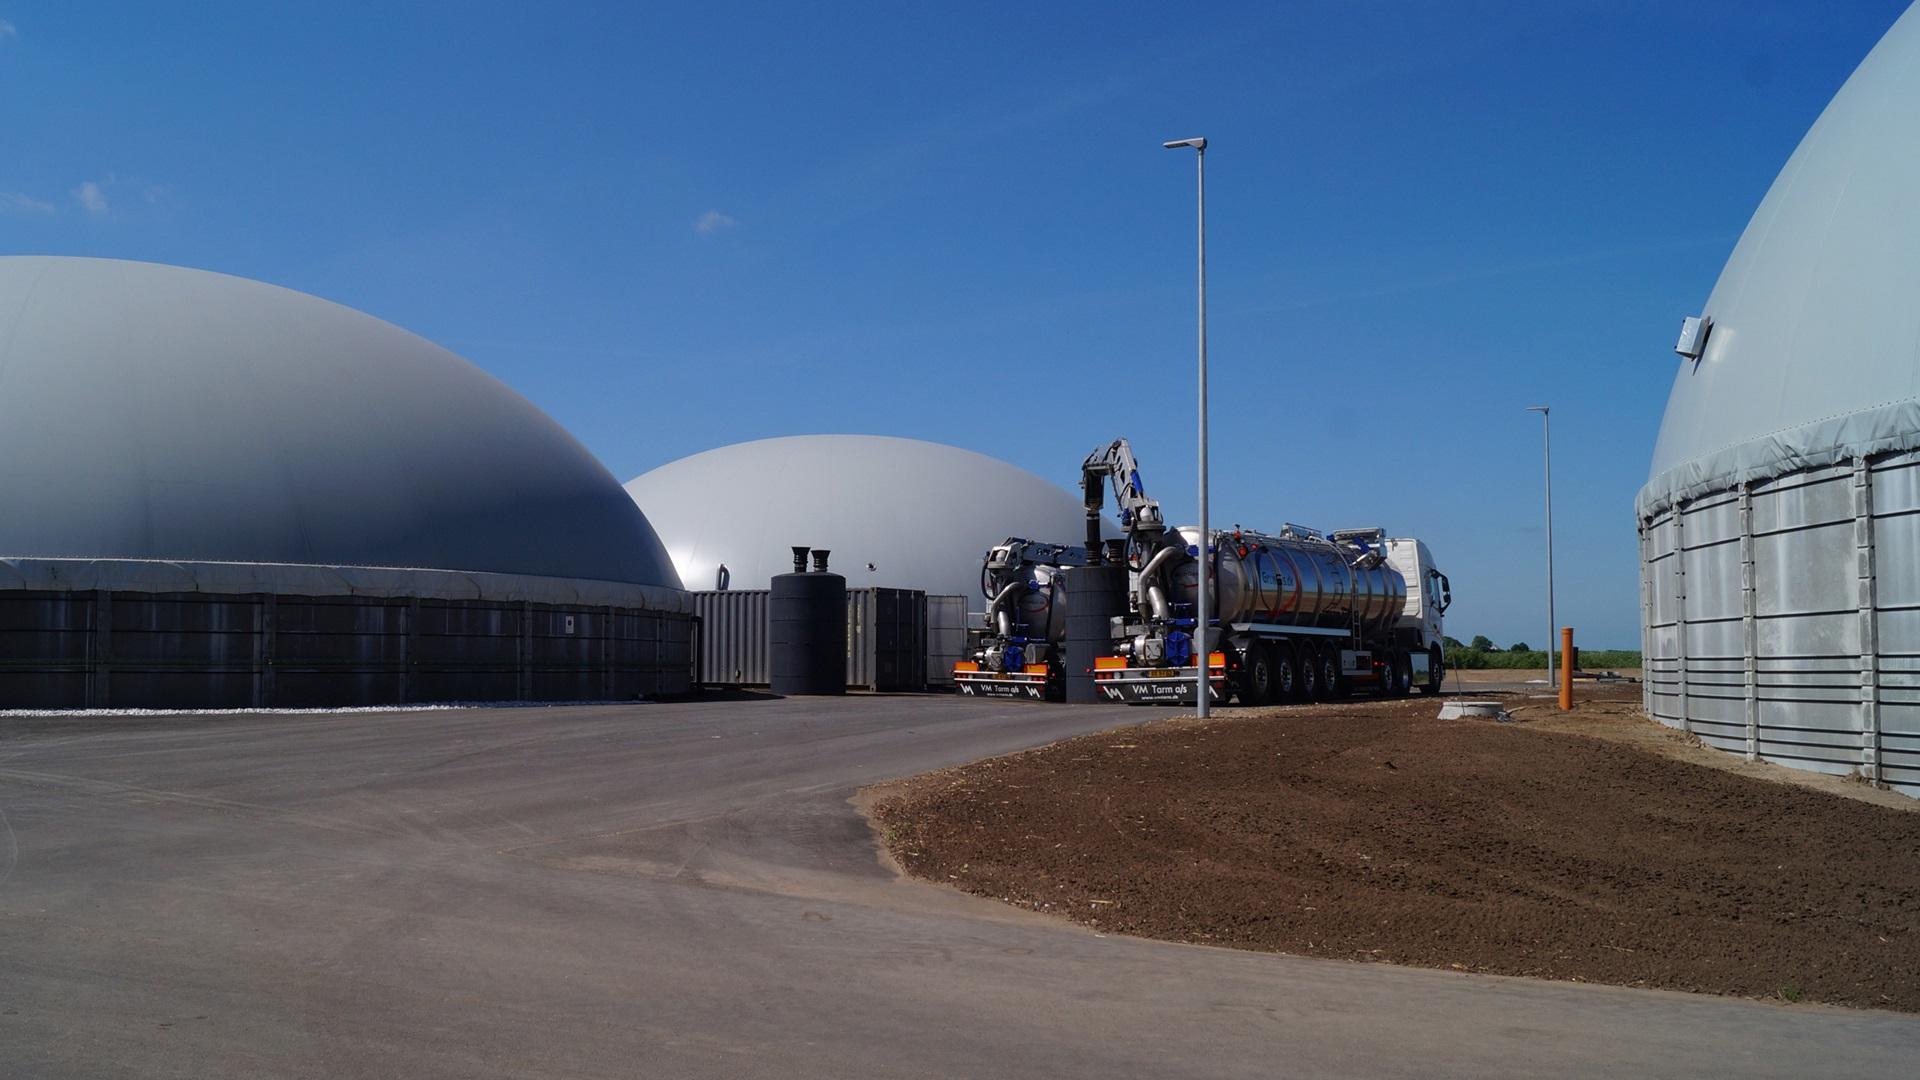 Biogaz în Vraa, Danemarca